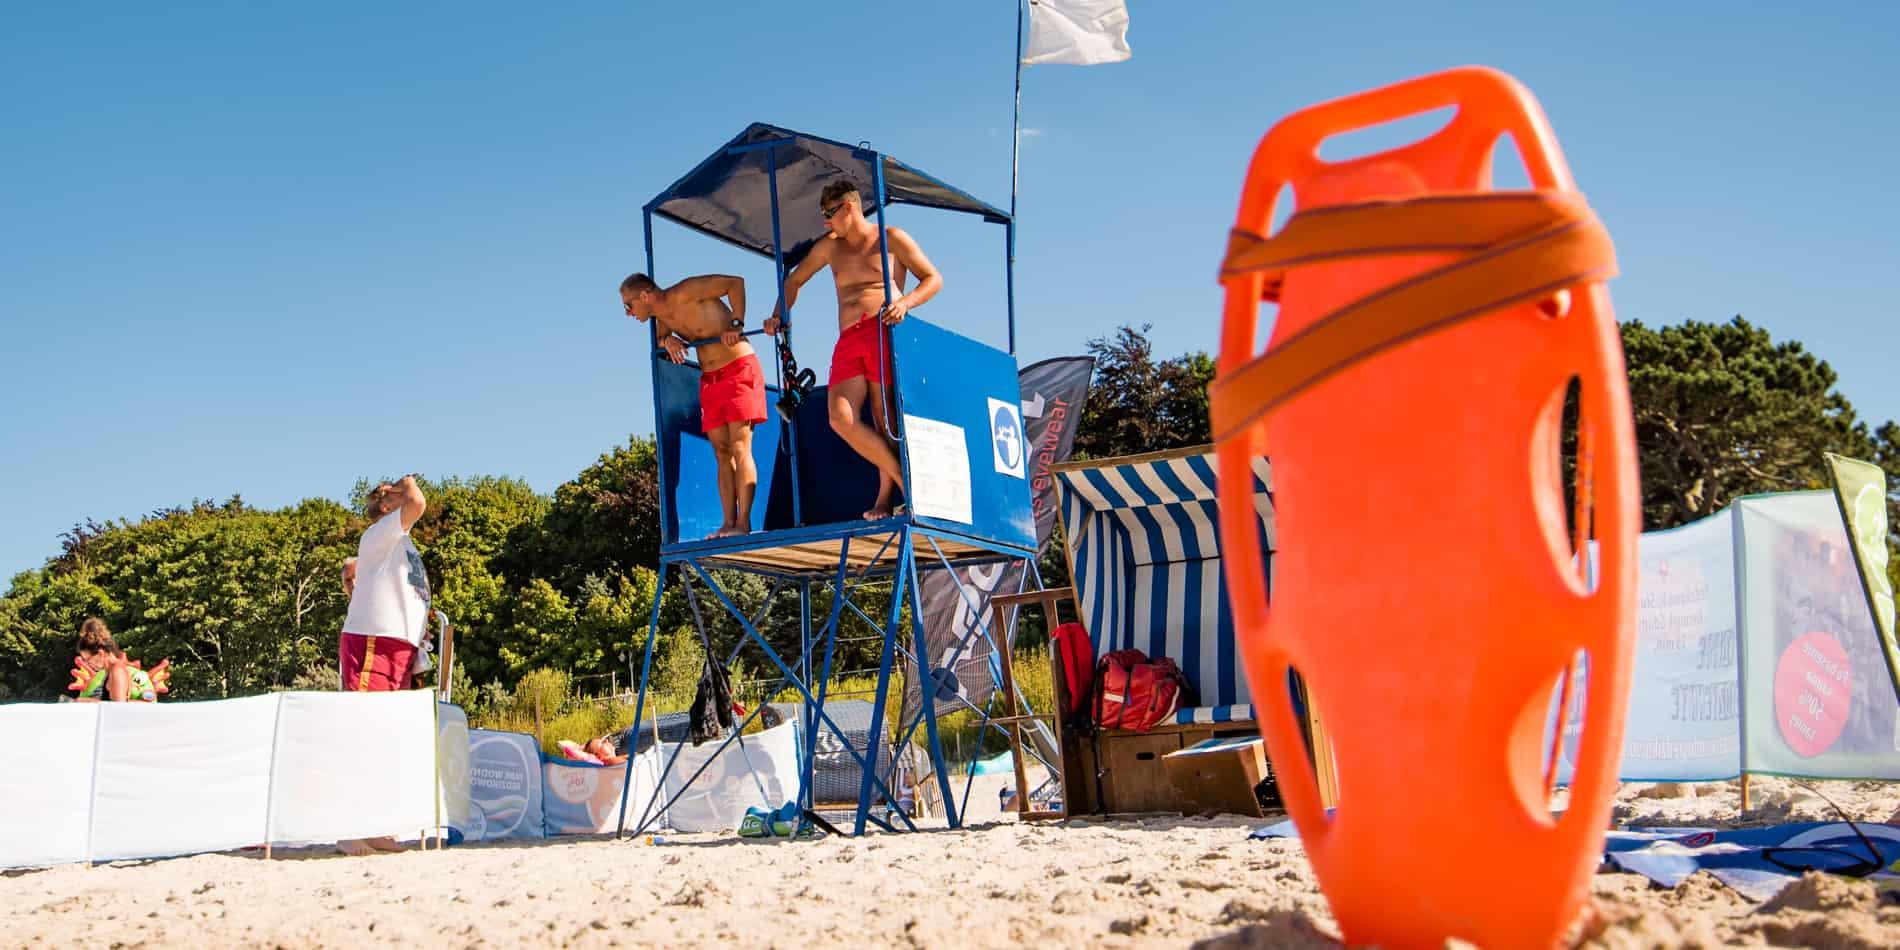 Ratownicy na plaży Kąpieliska w Ustce 2020